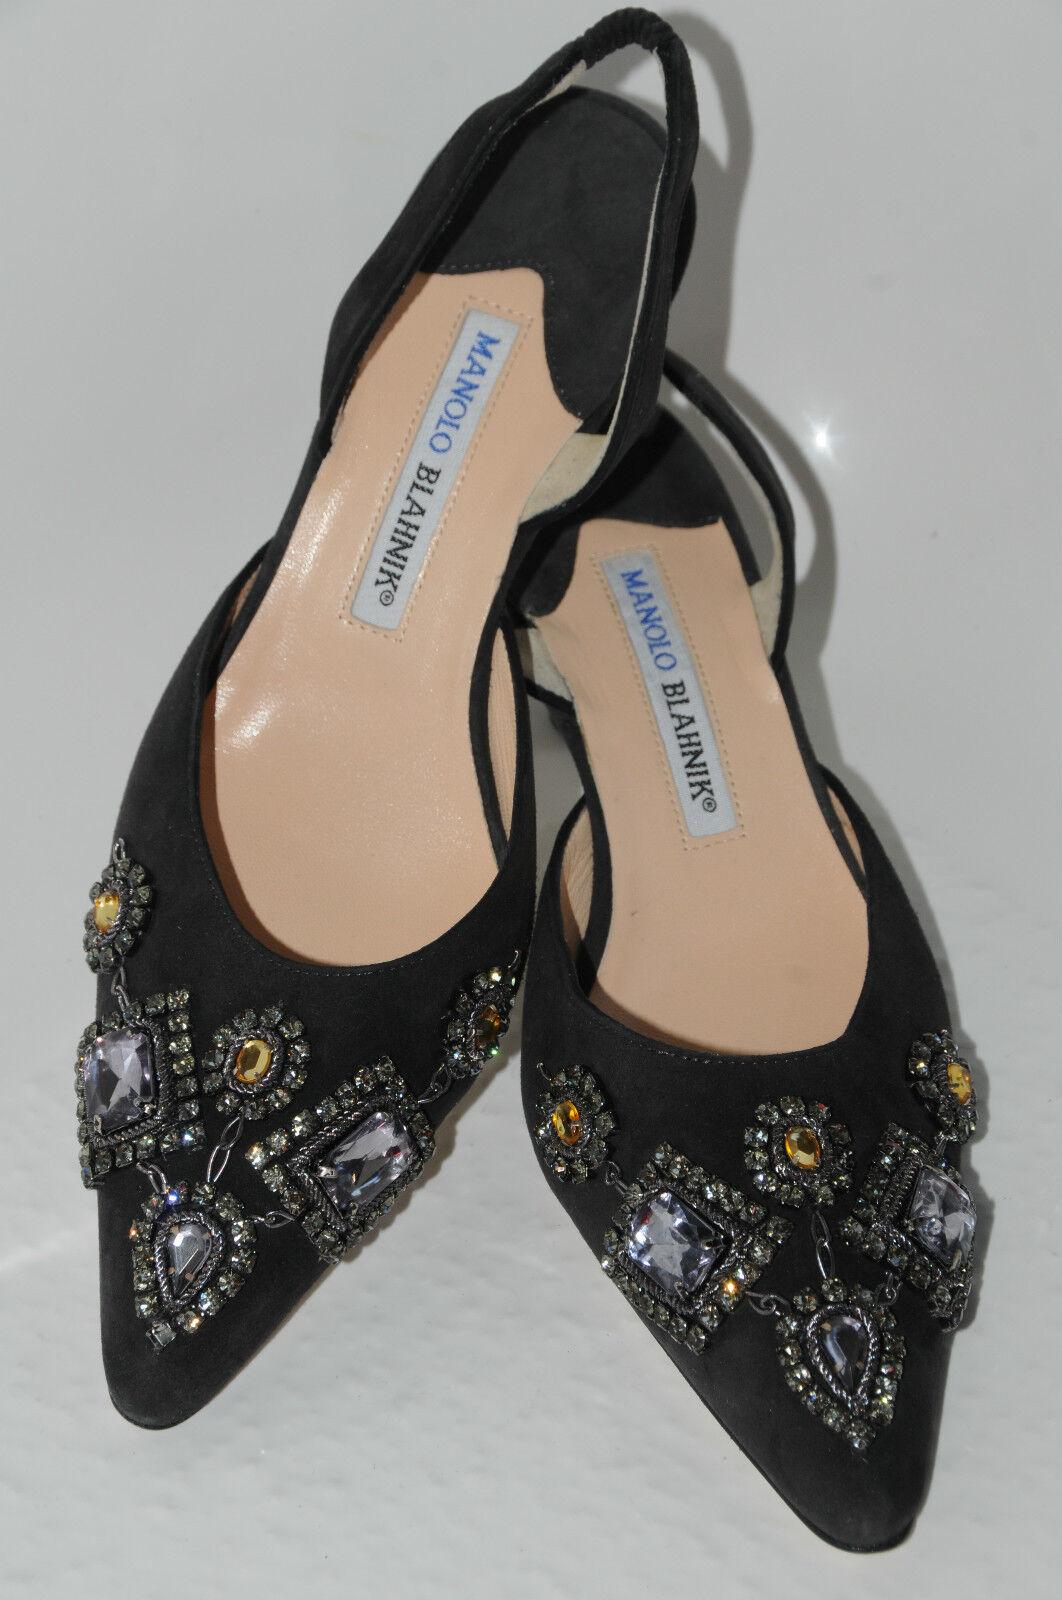 sconto prezzo basso New MANOLO BLAHNIK JEWELED Carolyne Topaz RHINESTONE RHINESTONE RHINESTONE Dr grigio nero scarpe 37  servizio onesto